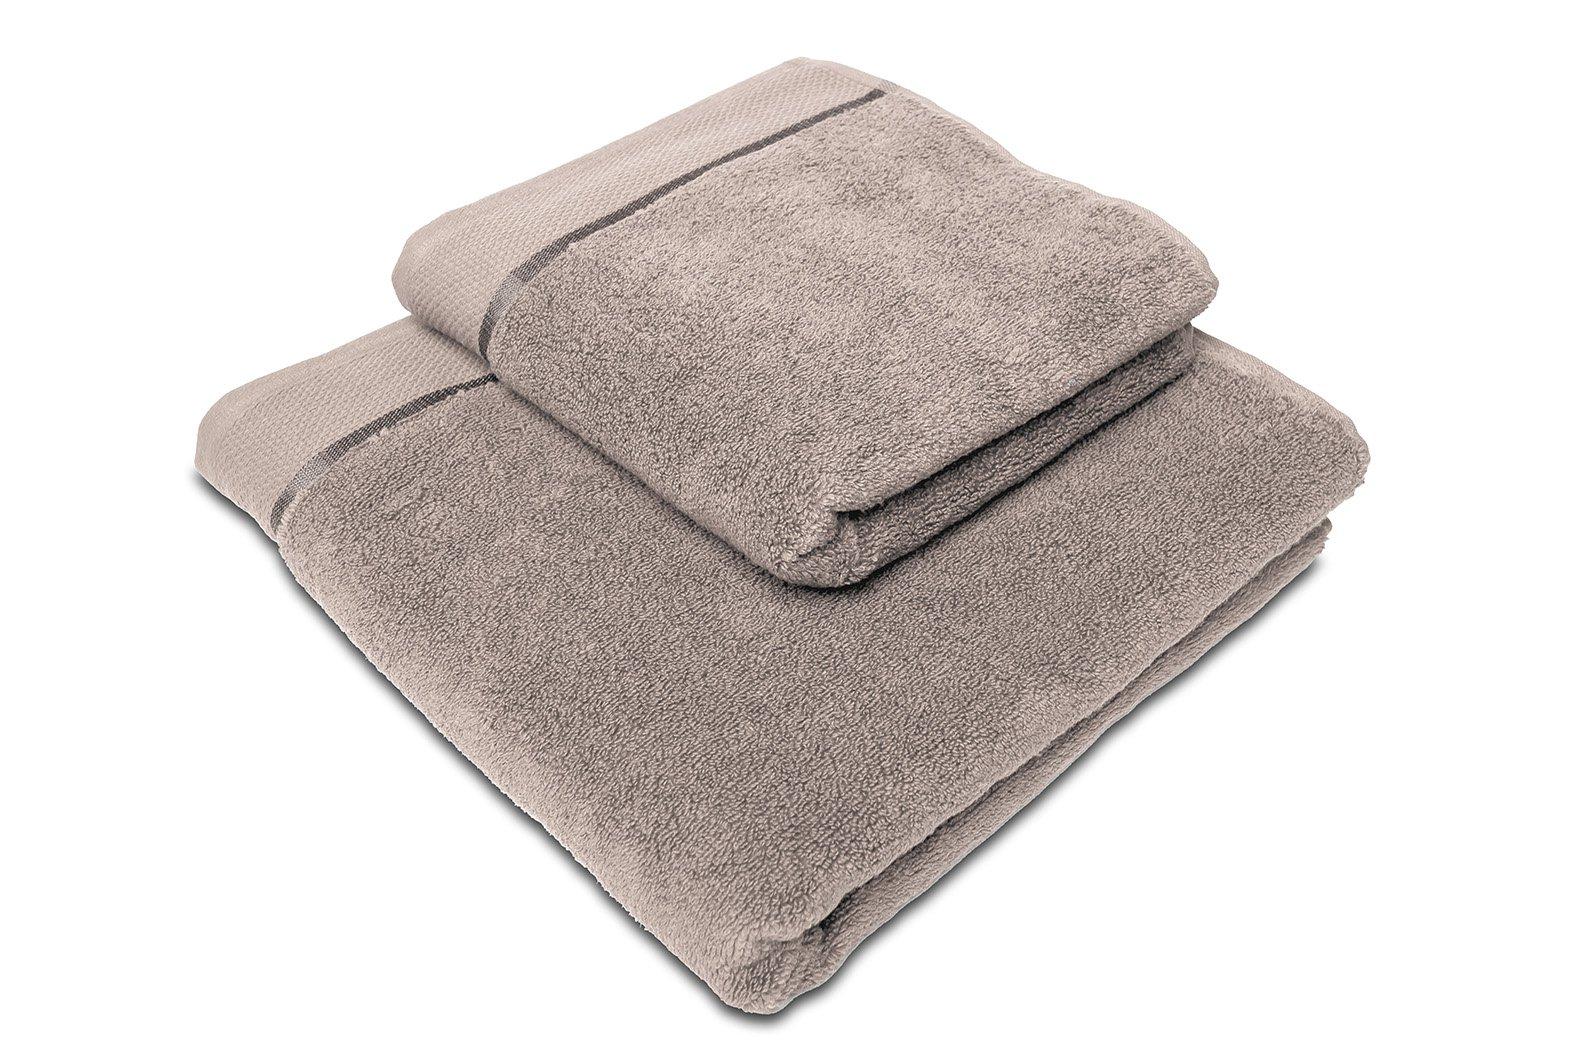 Ručník mikrobavlna SLEEP WELL® - 50x100 cm - ŠEDOHNĚDÁ